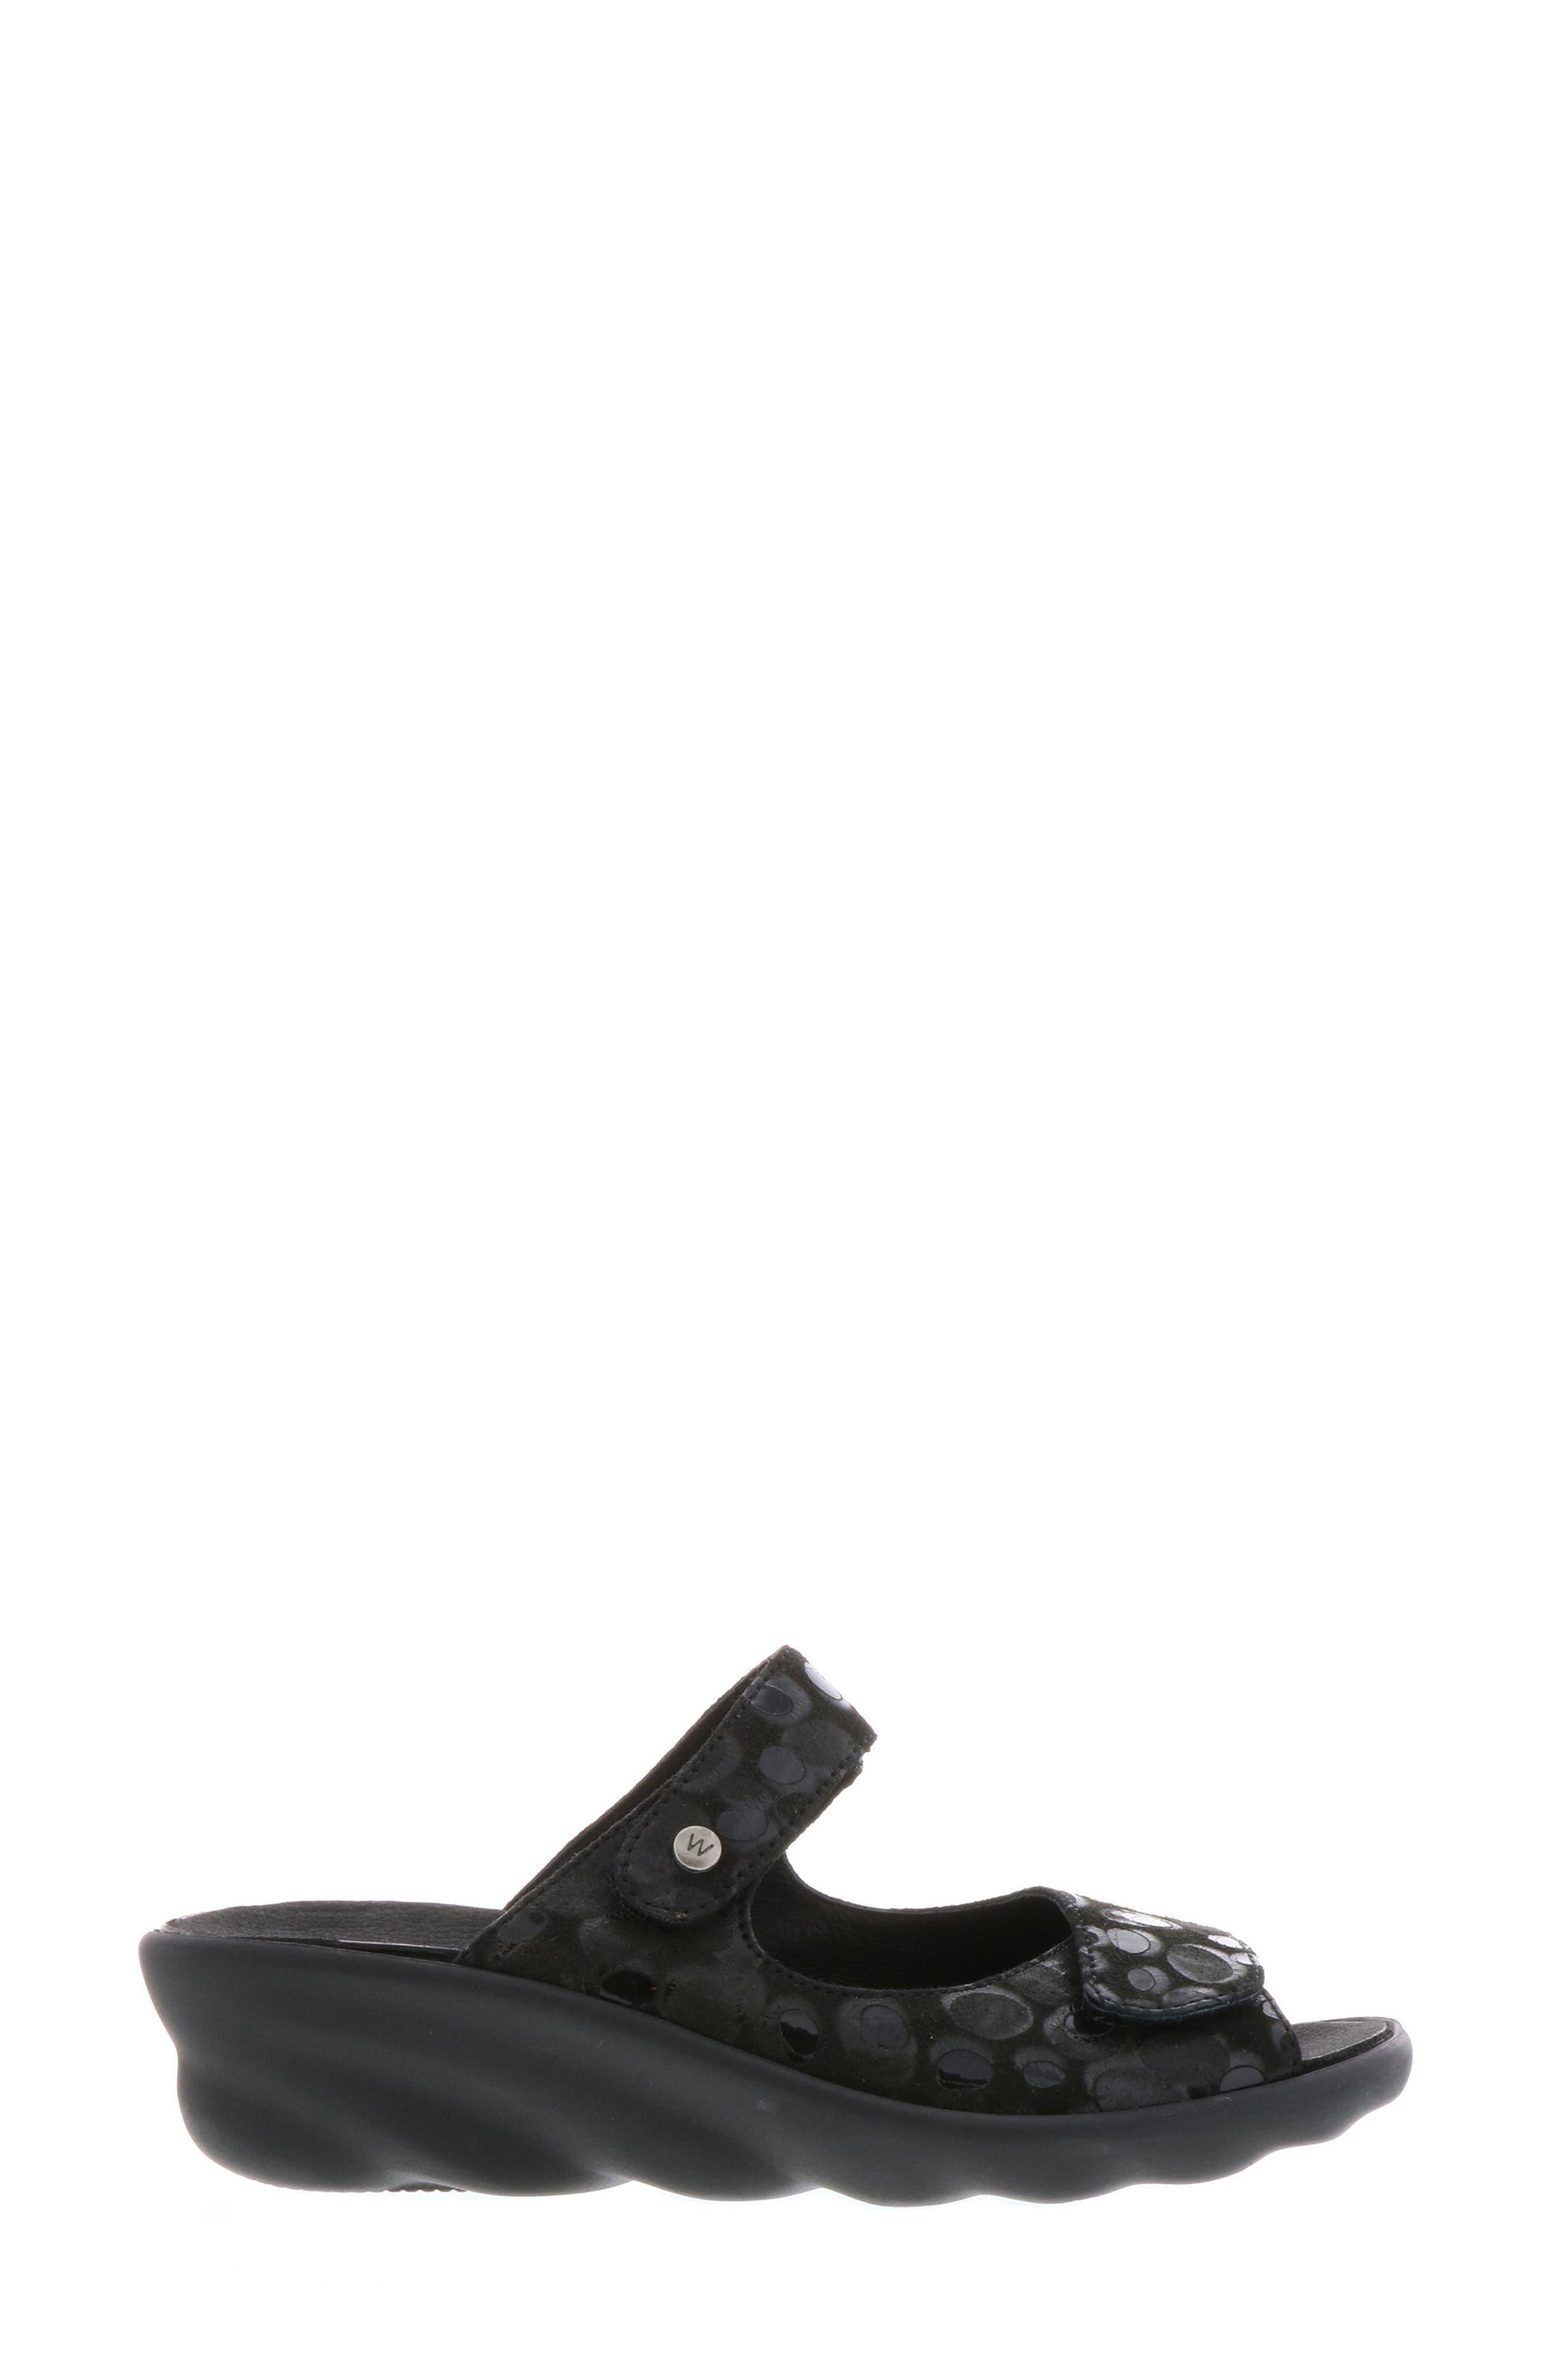 Bolena Slide Sandal,                             Alternate thumbnail 3, color,                             BLACK CIRCLE PRINT